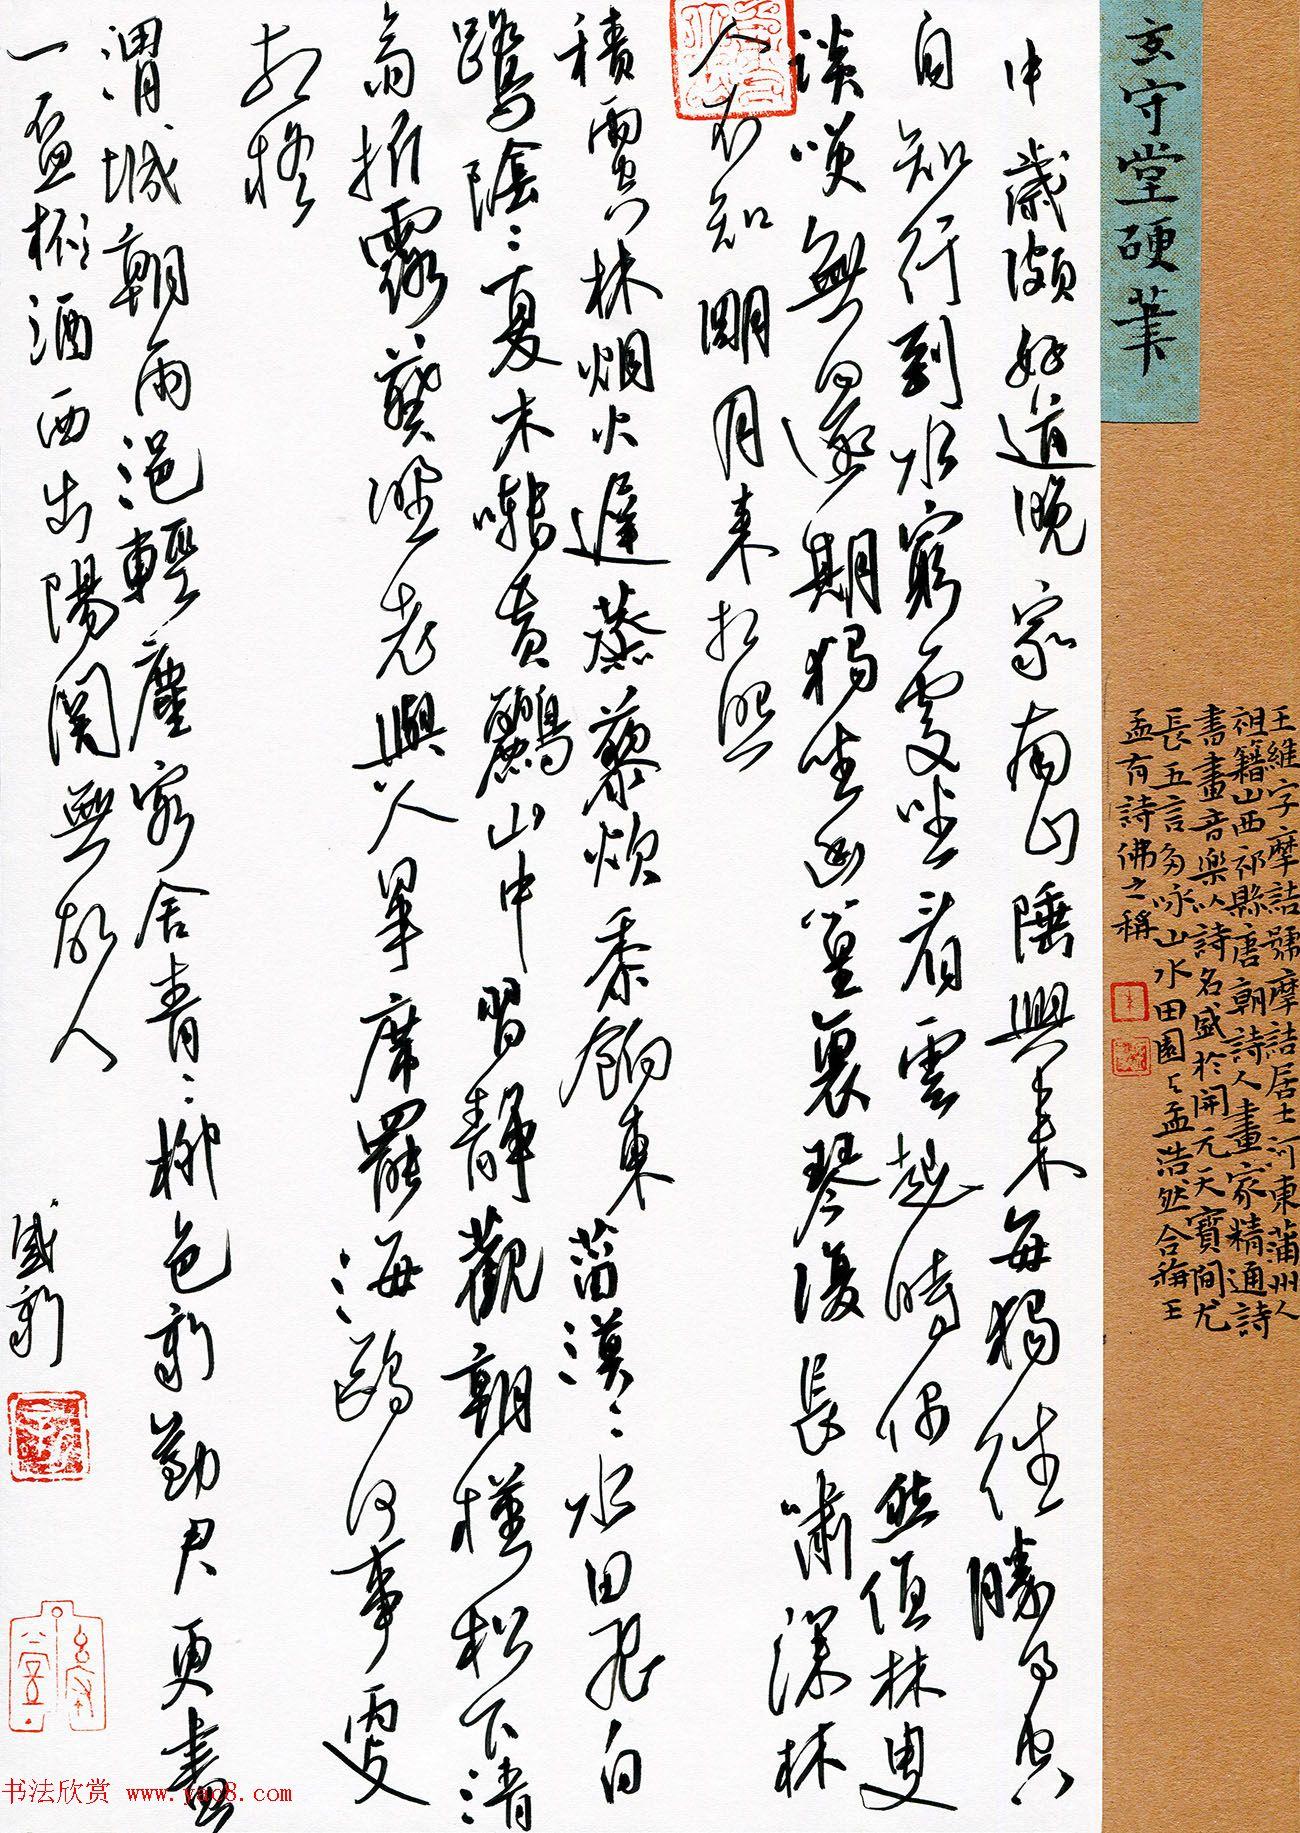 """""""品翰堂杯""""第七届中国硬笔书法公开赛铜奖作品欣赏"""